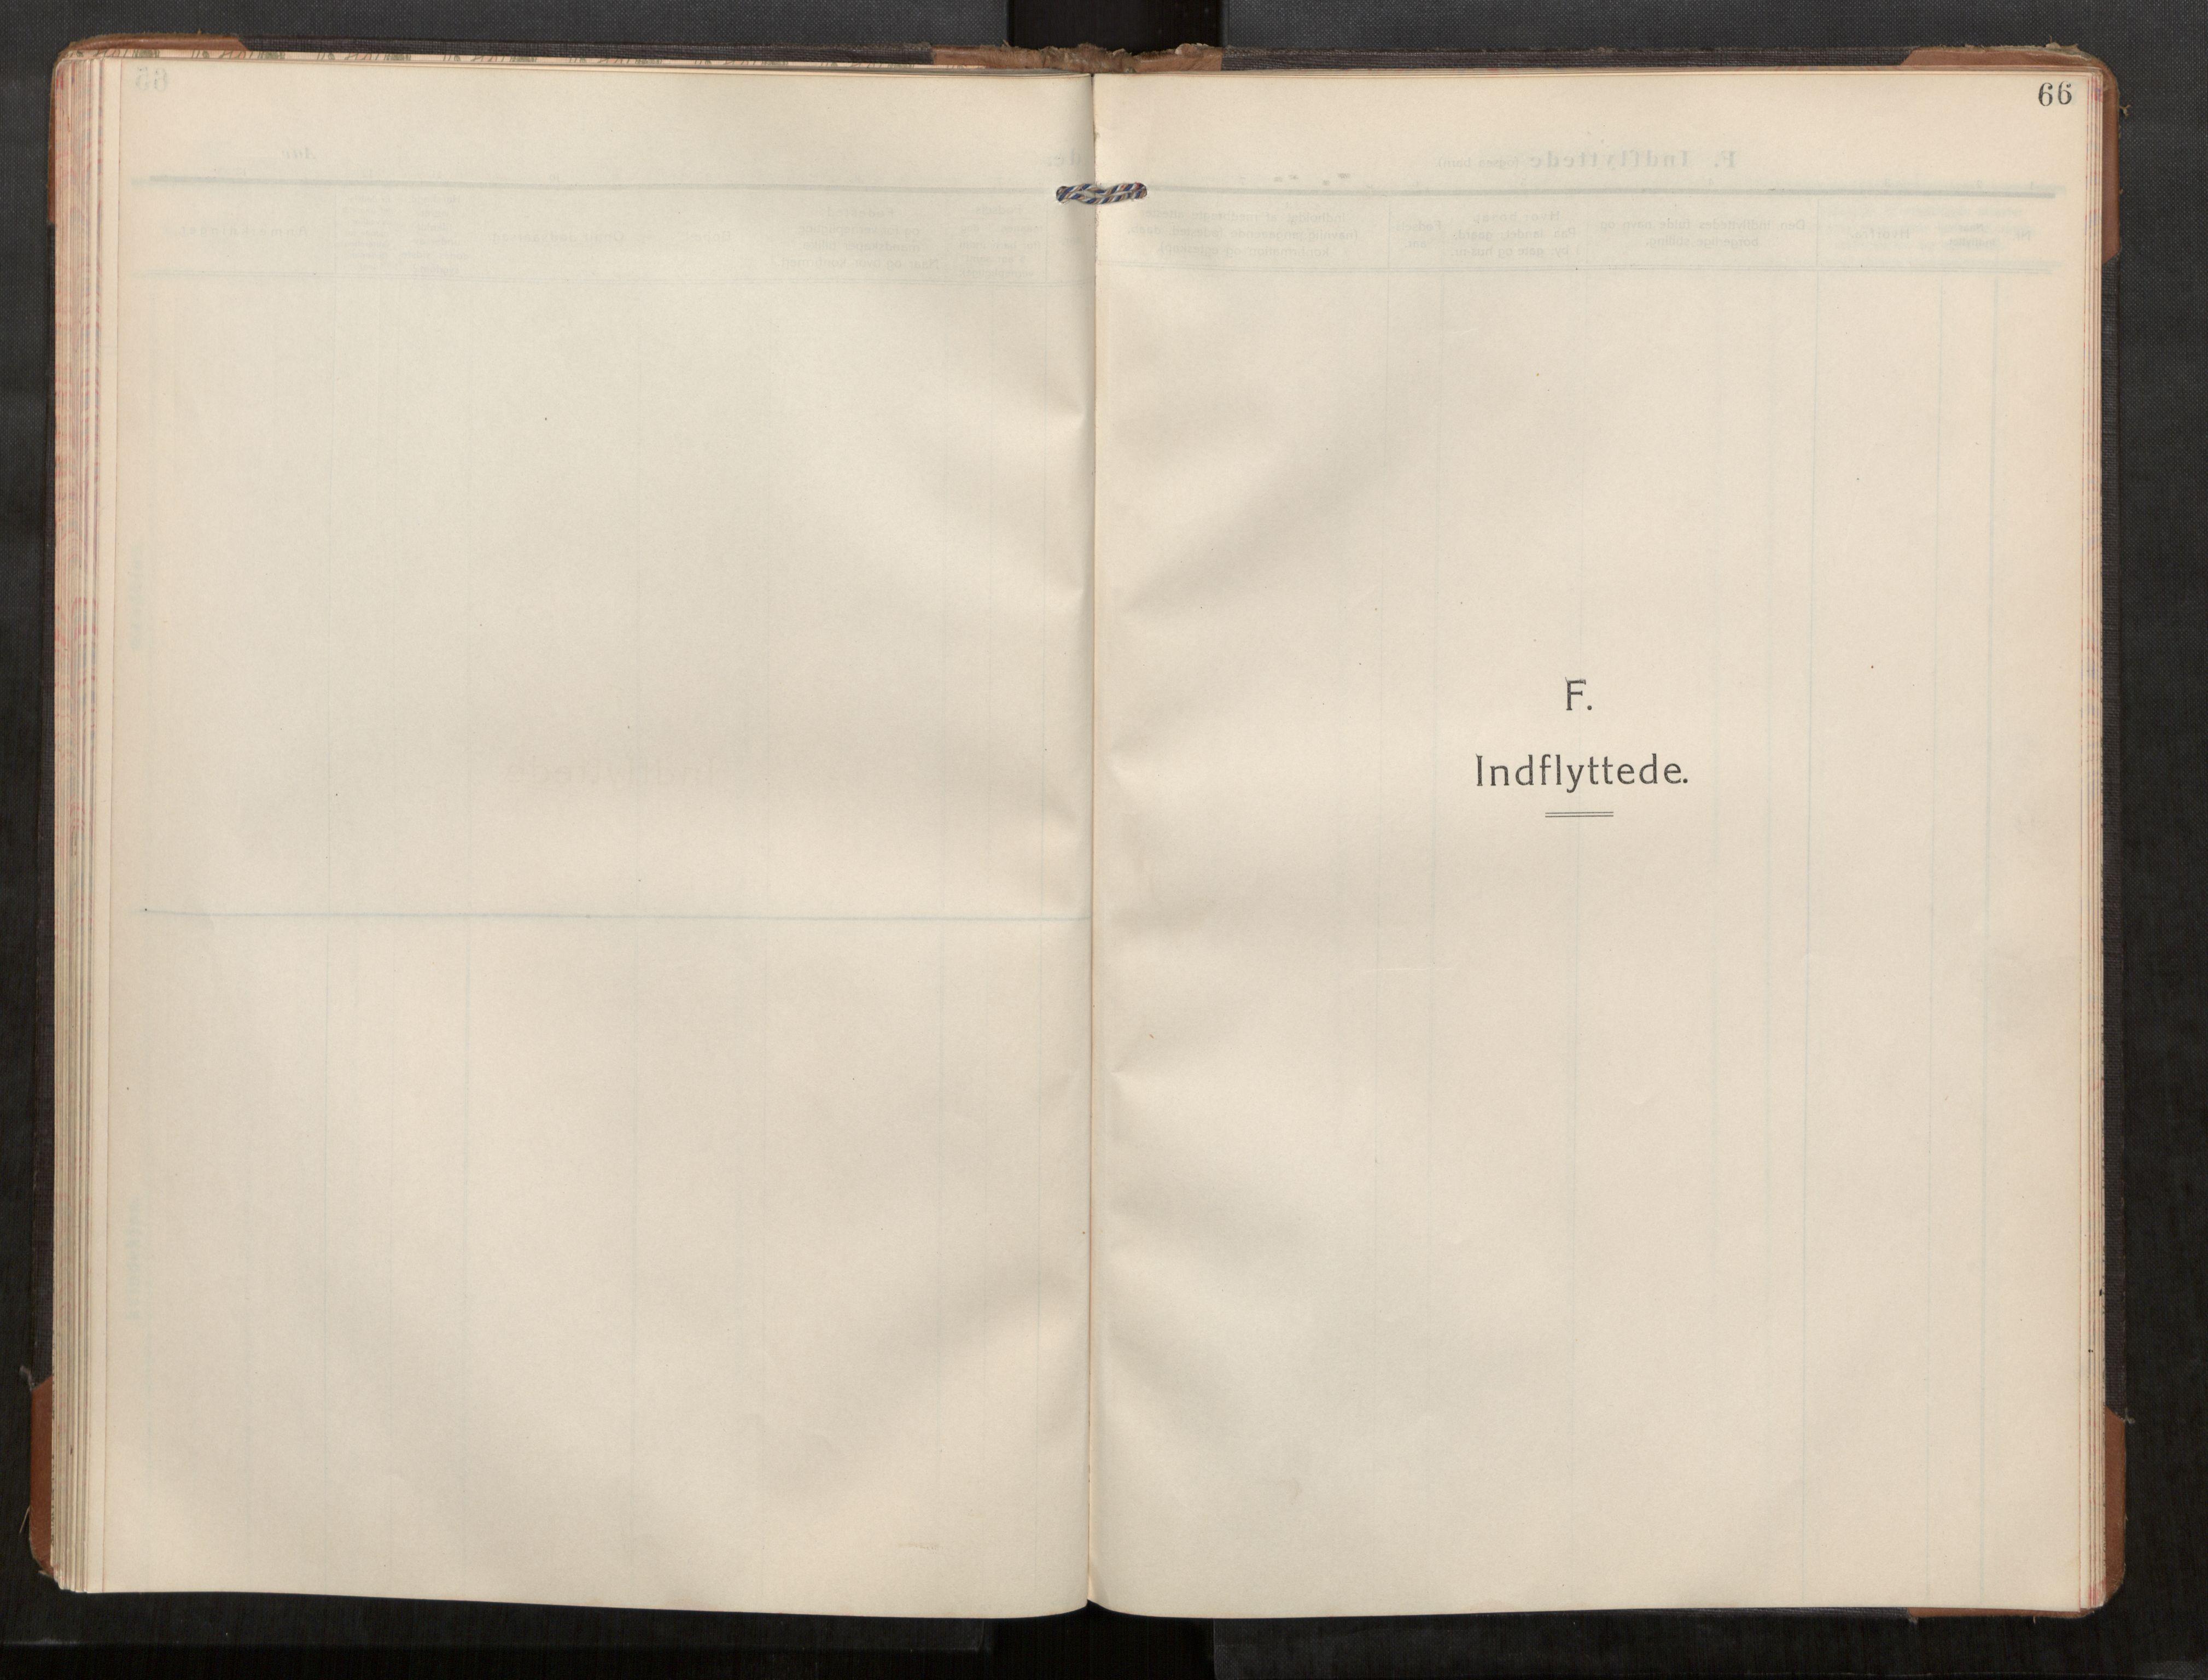 SAT, Stod sokneprestkontor, I/I1/I1a/L0003: Parish register (official) no. 3, 1909-1934, p. 66